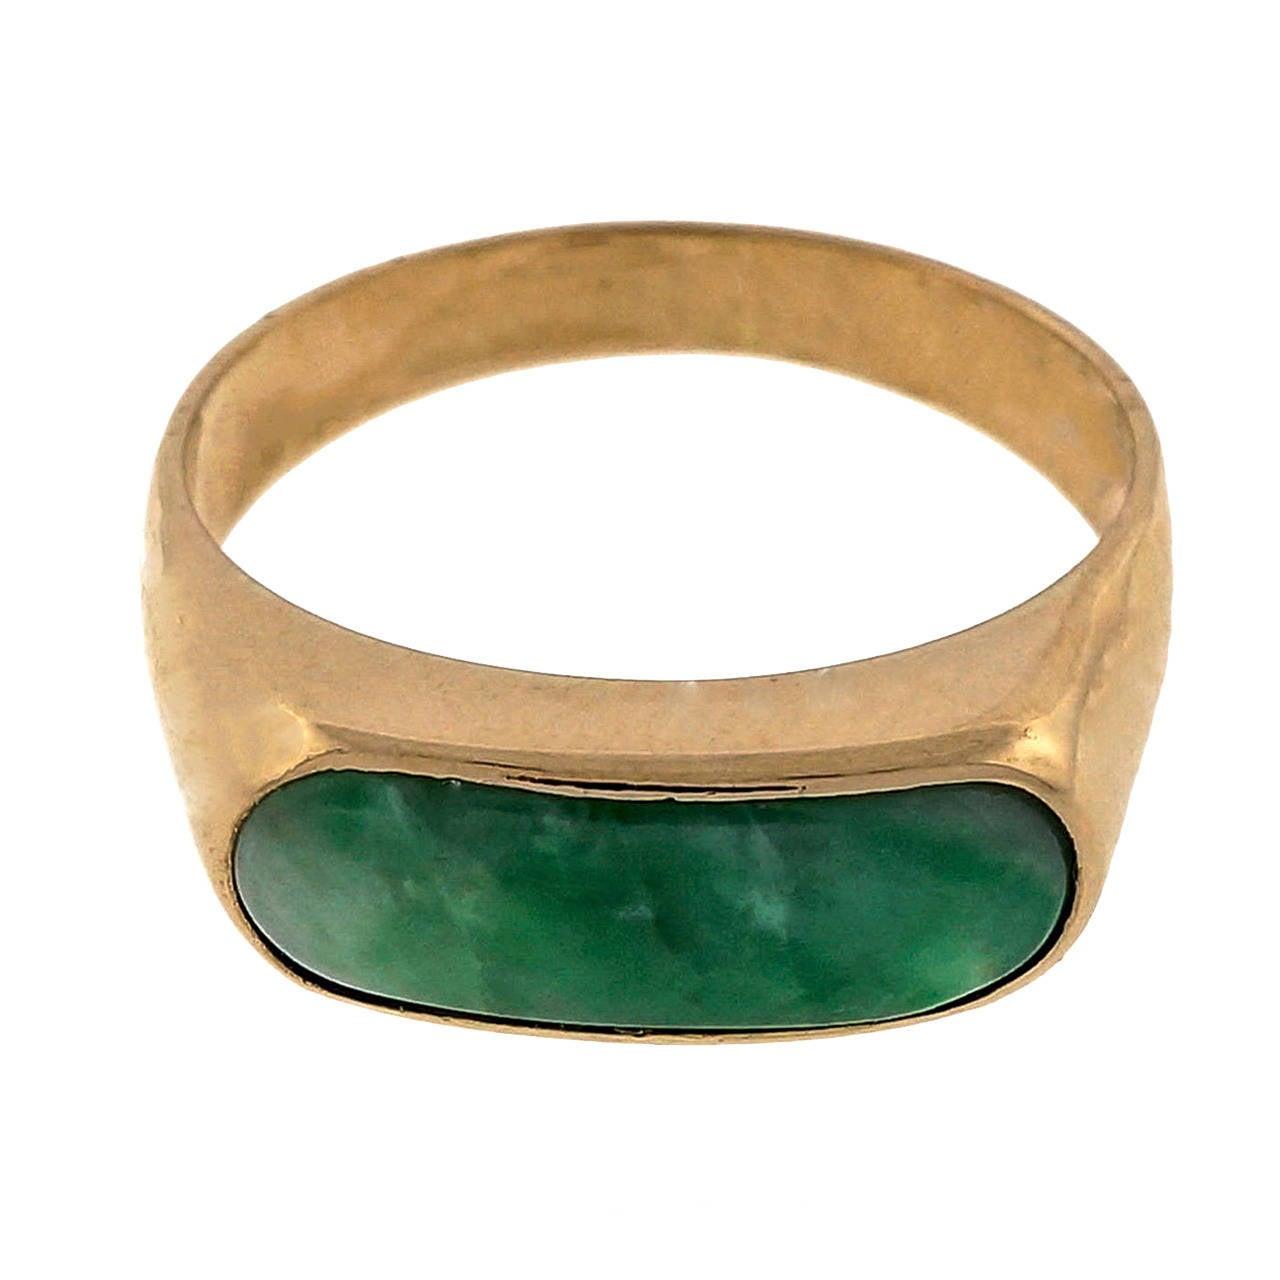 Natural Certified Jadeite Jade Rose Gold Saddle Ring